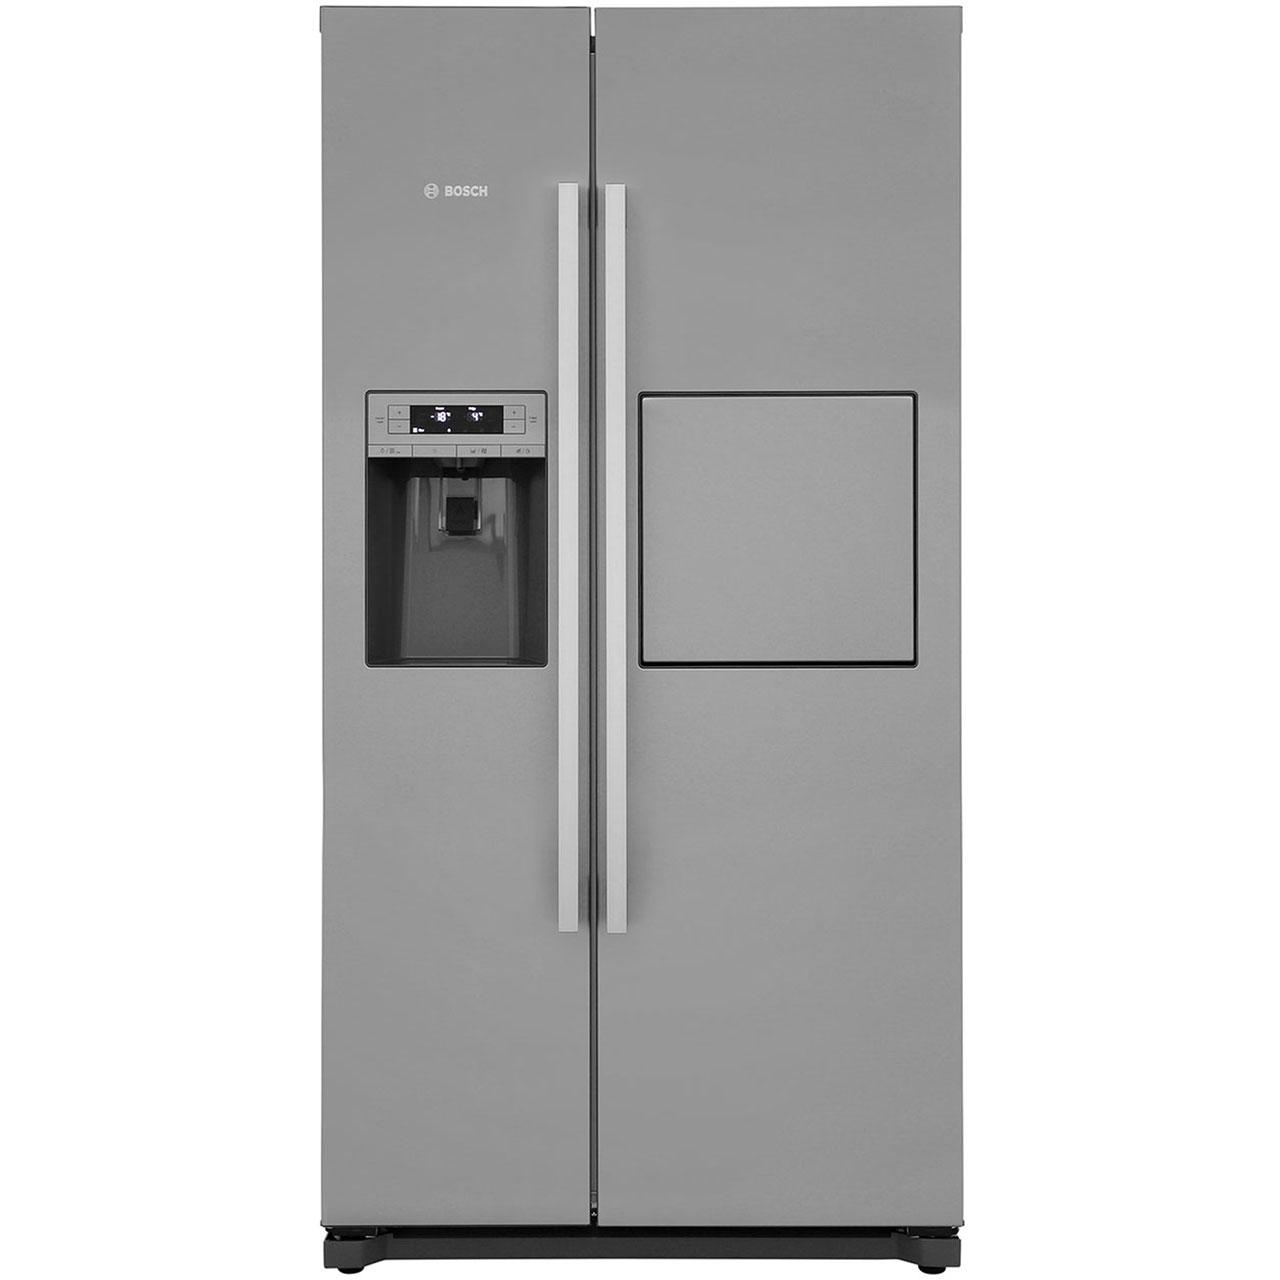 Kag90ai20g Ssl Bosch American Fridge Freezer Ao Com